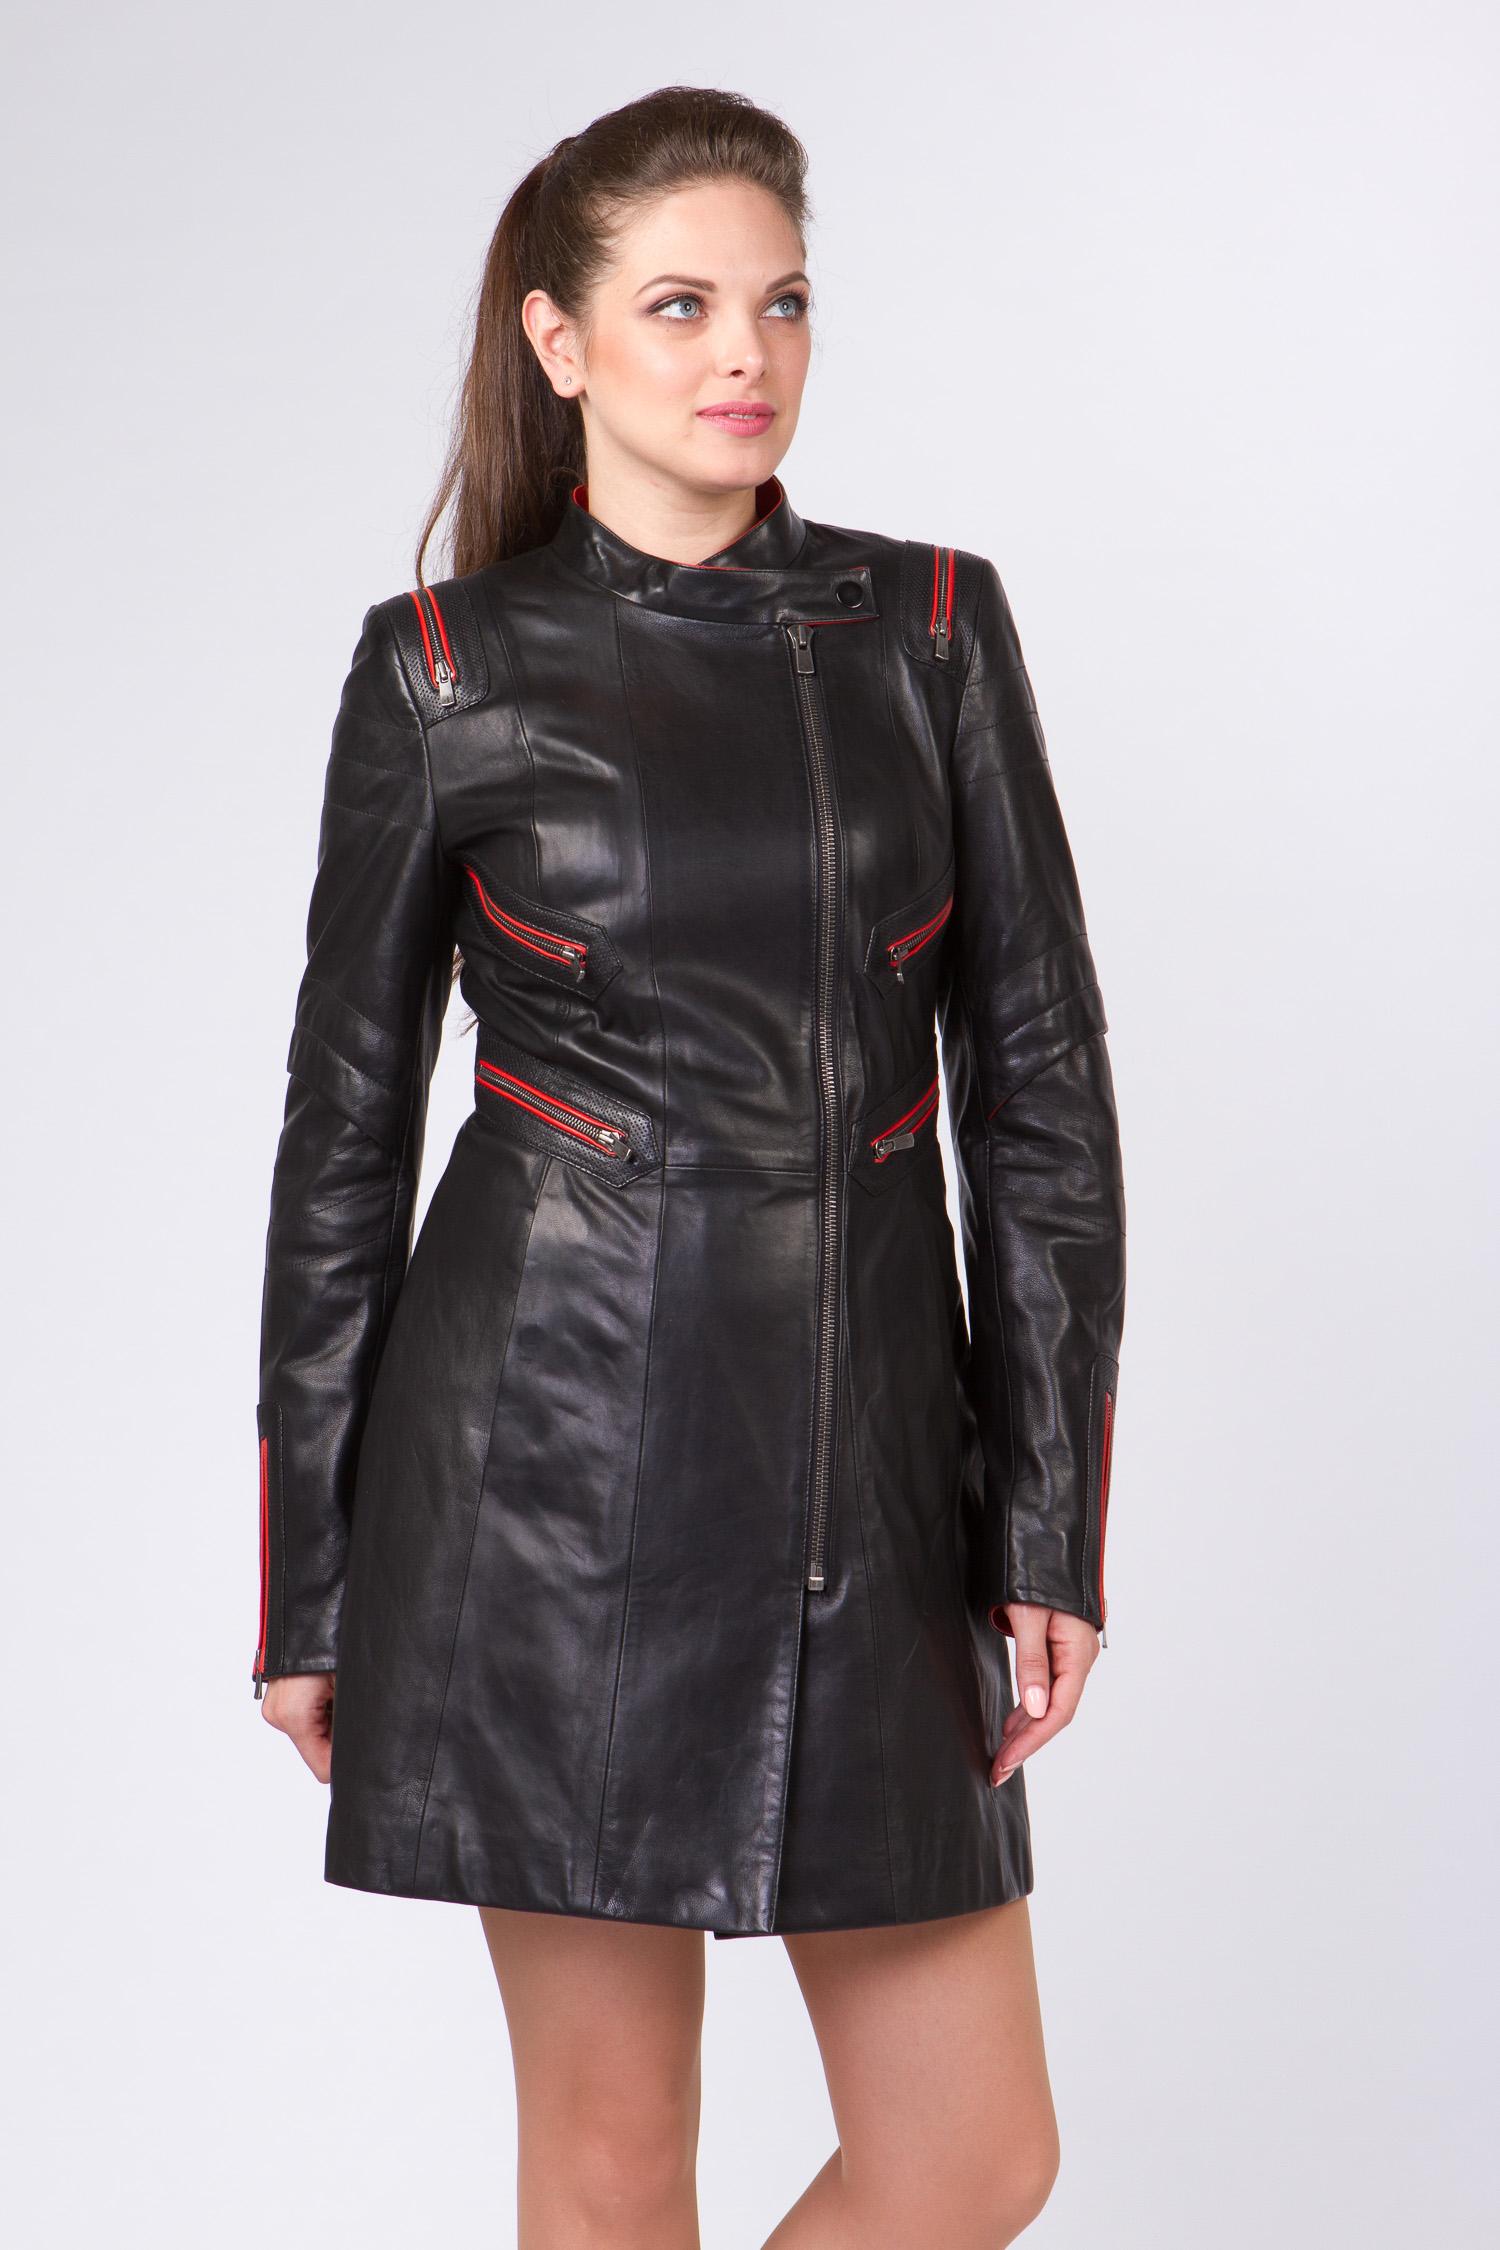 Женское кожаное пальто из натуральной кожи с воротником, без отделки Женское кожаное пальто из натуральной кожи с воротником, без отделки